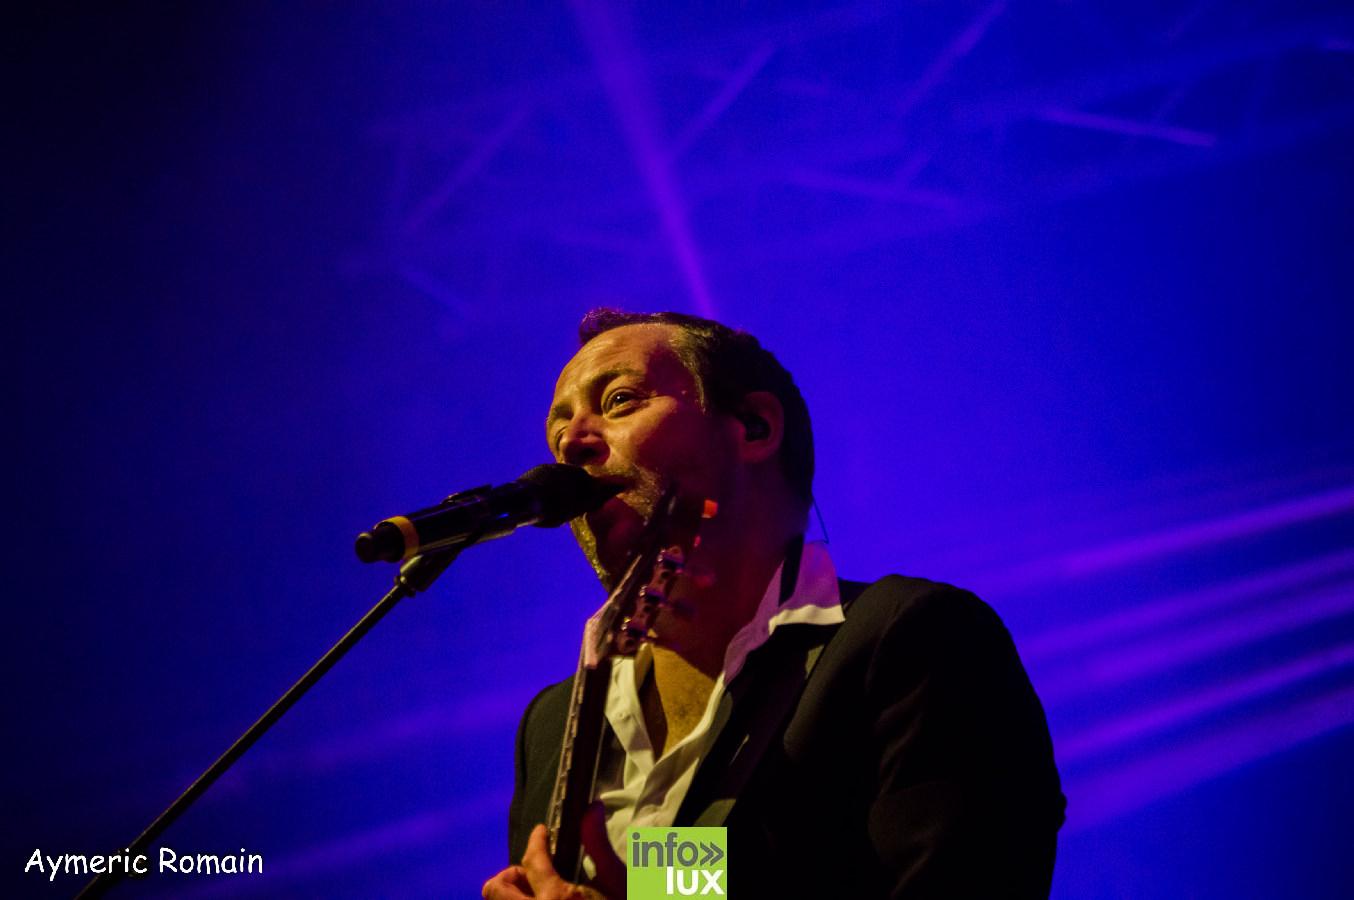 //media/jw_sigpro/users/0000002307/Concert Wardin Rock 2017/DSC_0697